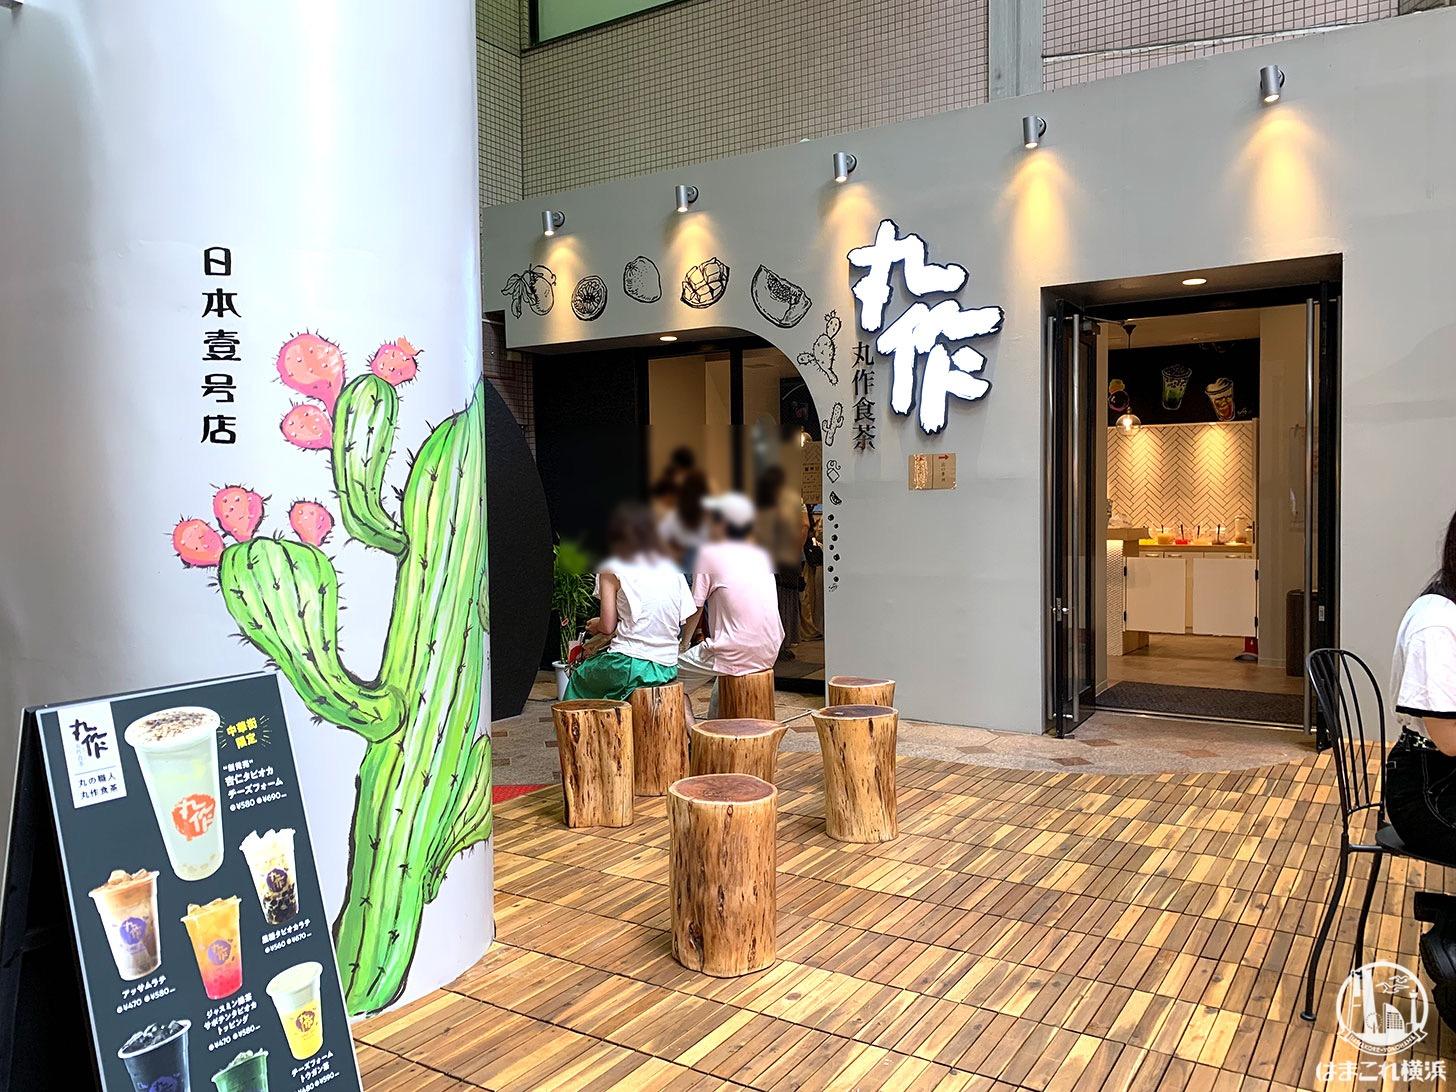 横浜中華街「丸作食茶」